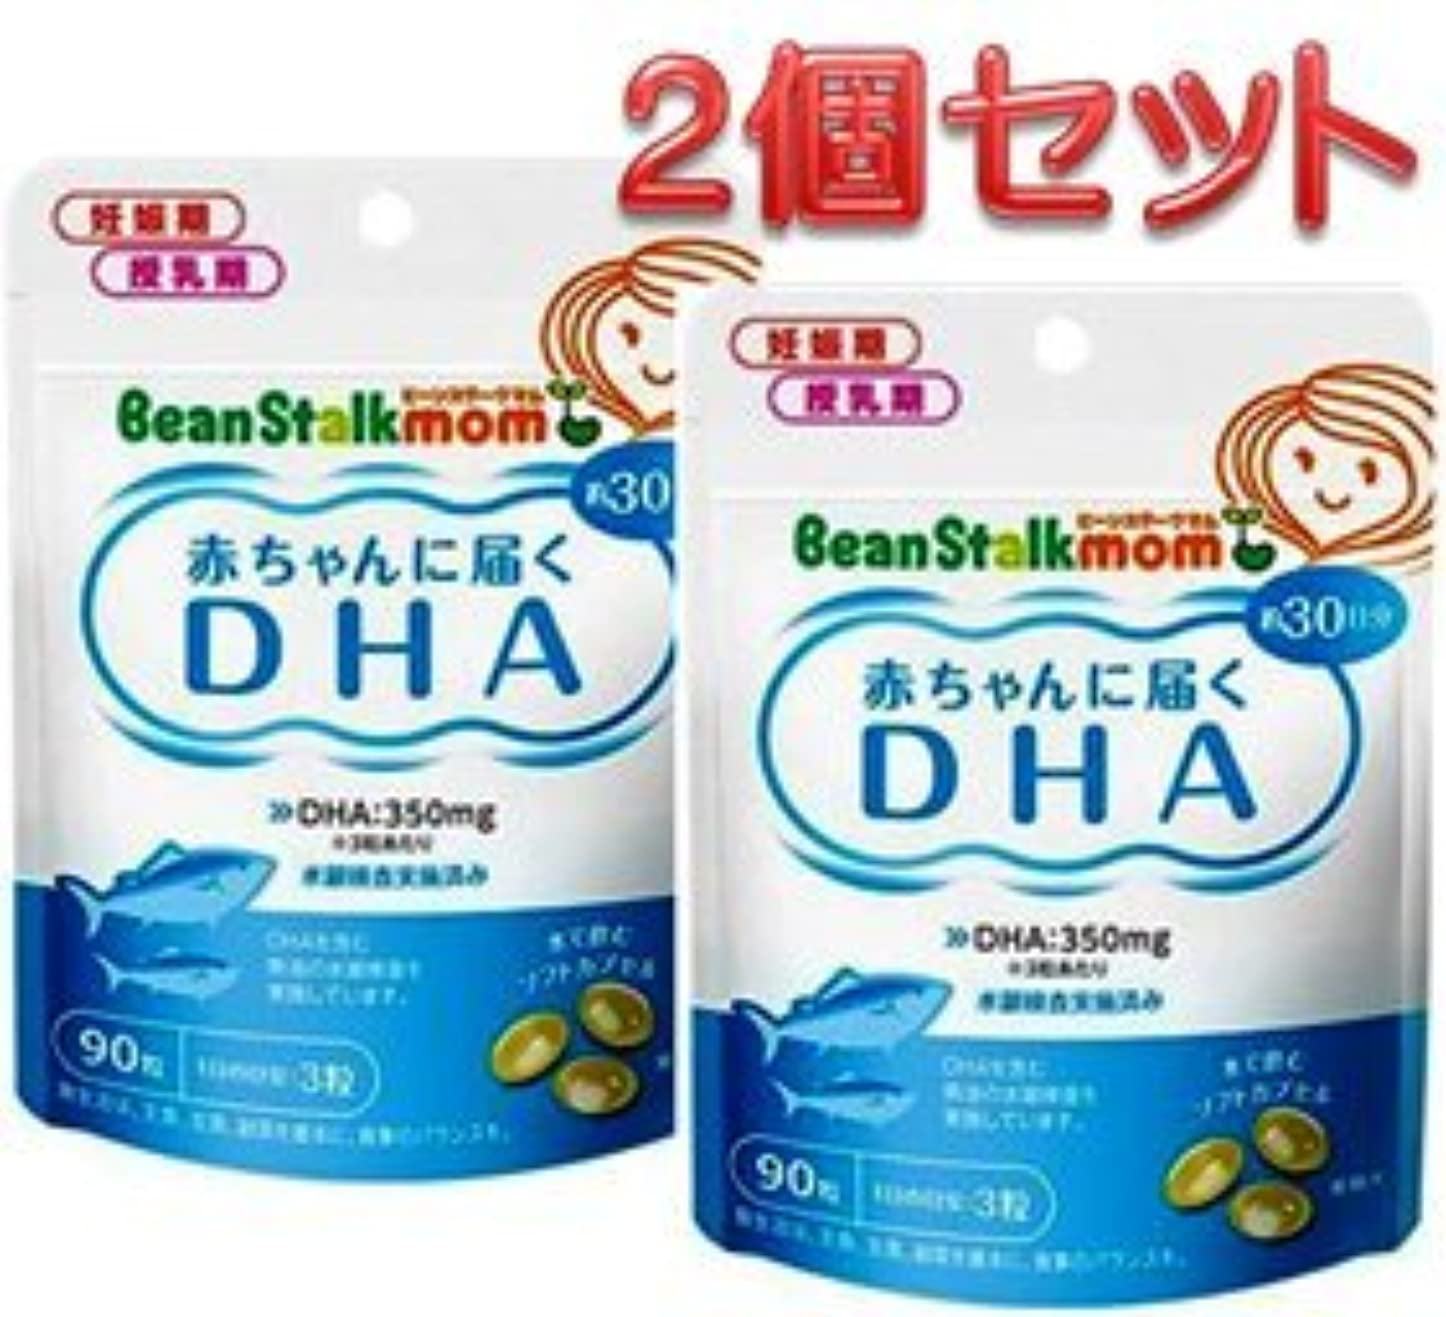 オゾン論争の的検出器ビーンスターク?スノー ビーンスタークマム 母乳にいいもの赤ちゃんに届くDHA90粒(30日分) ×2個セット2か月分